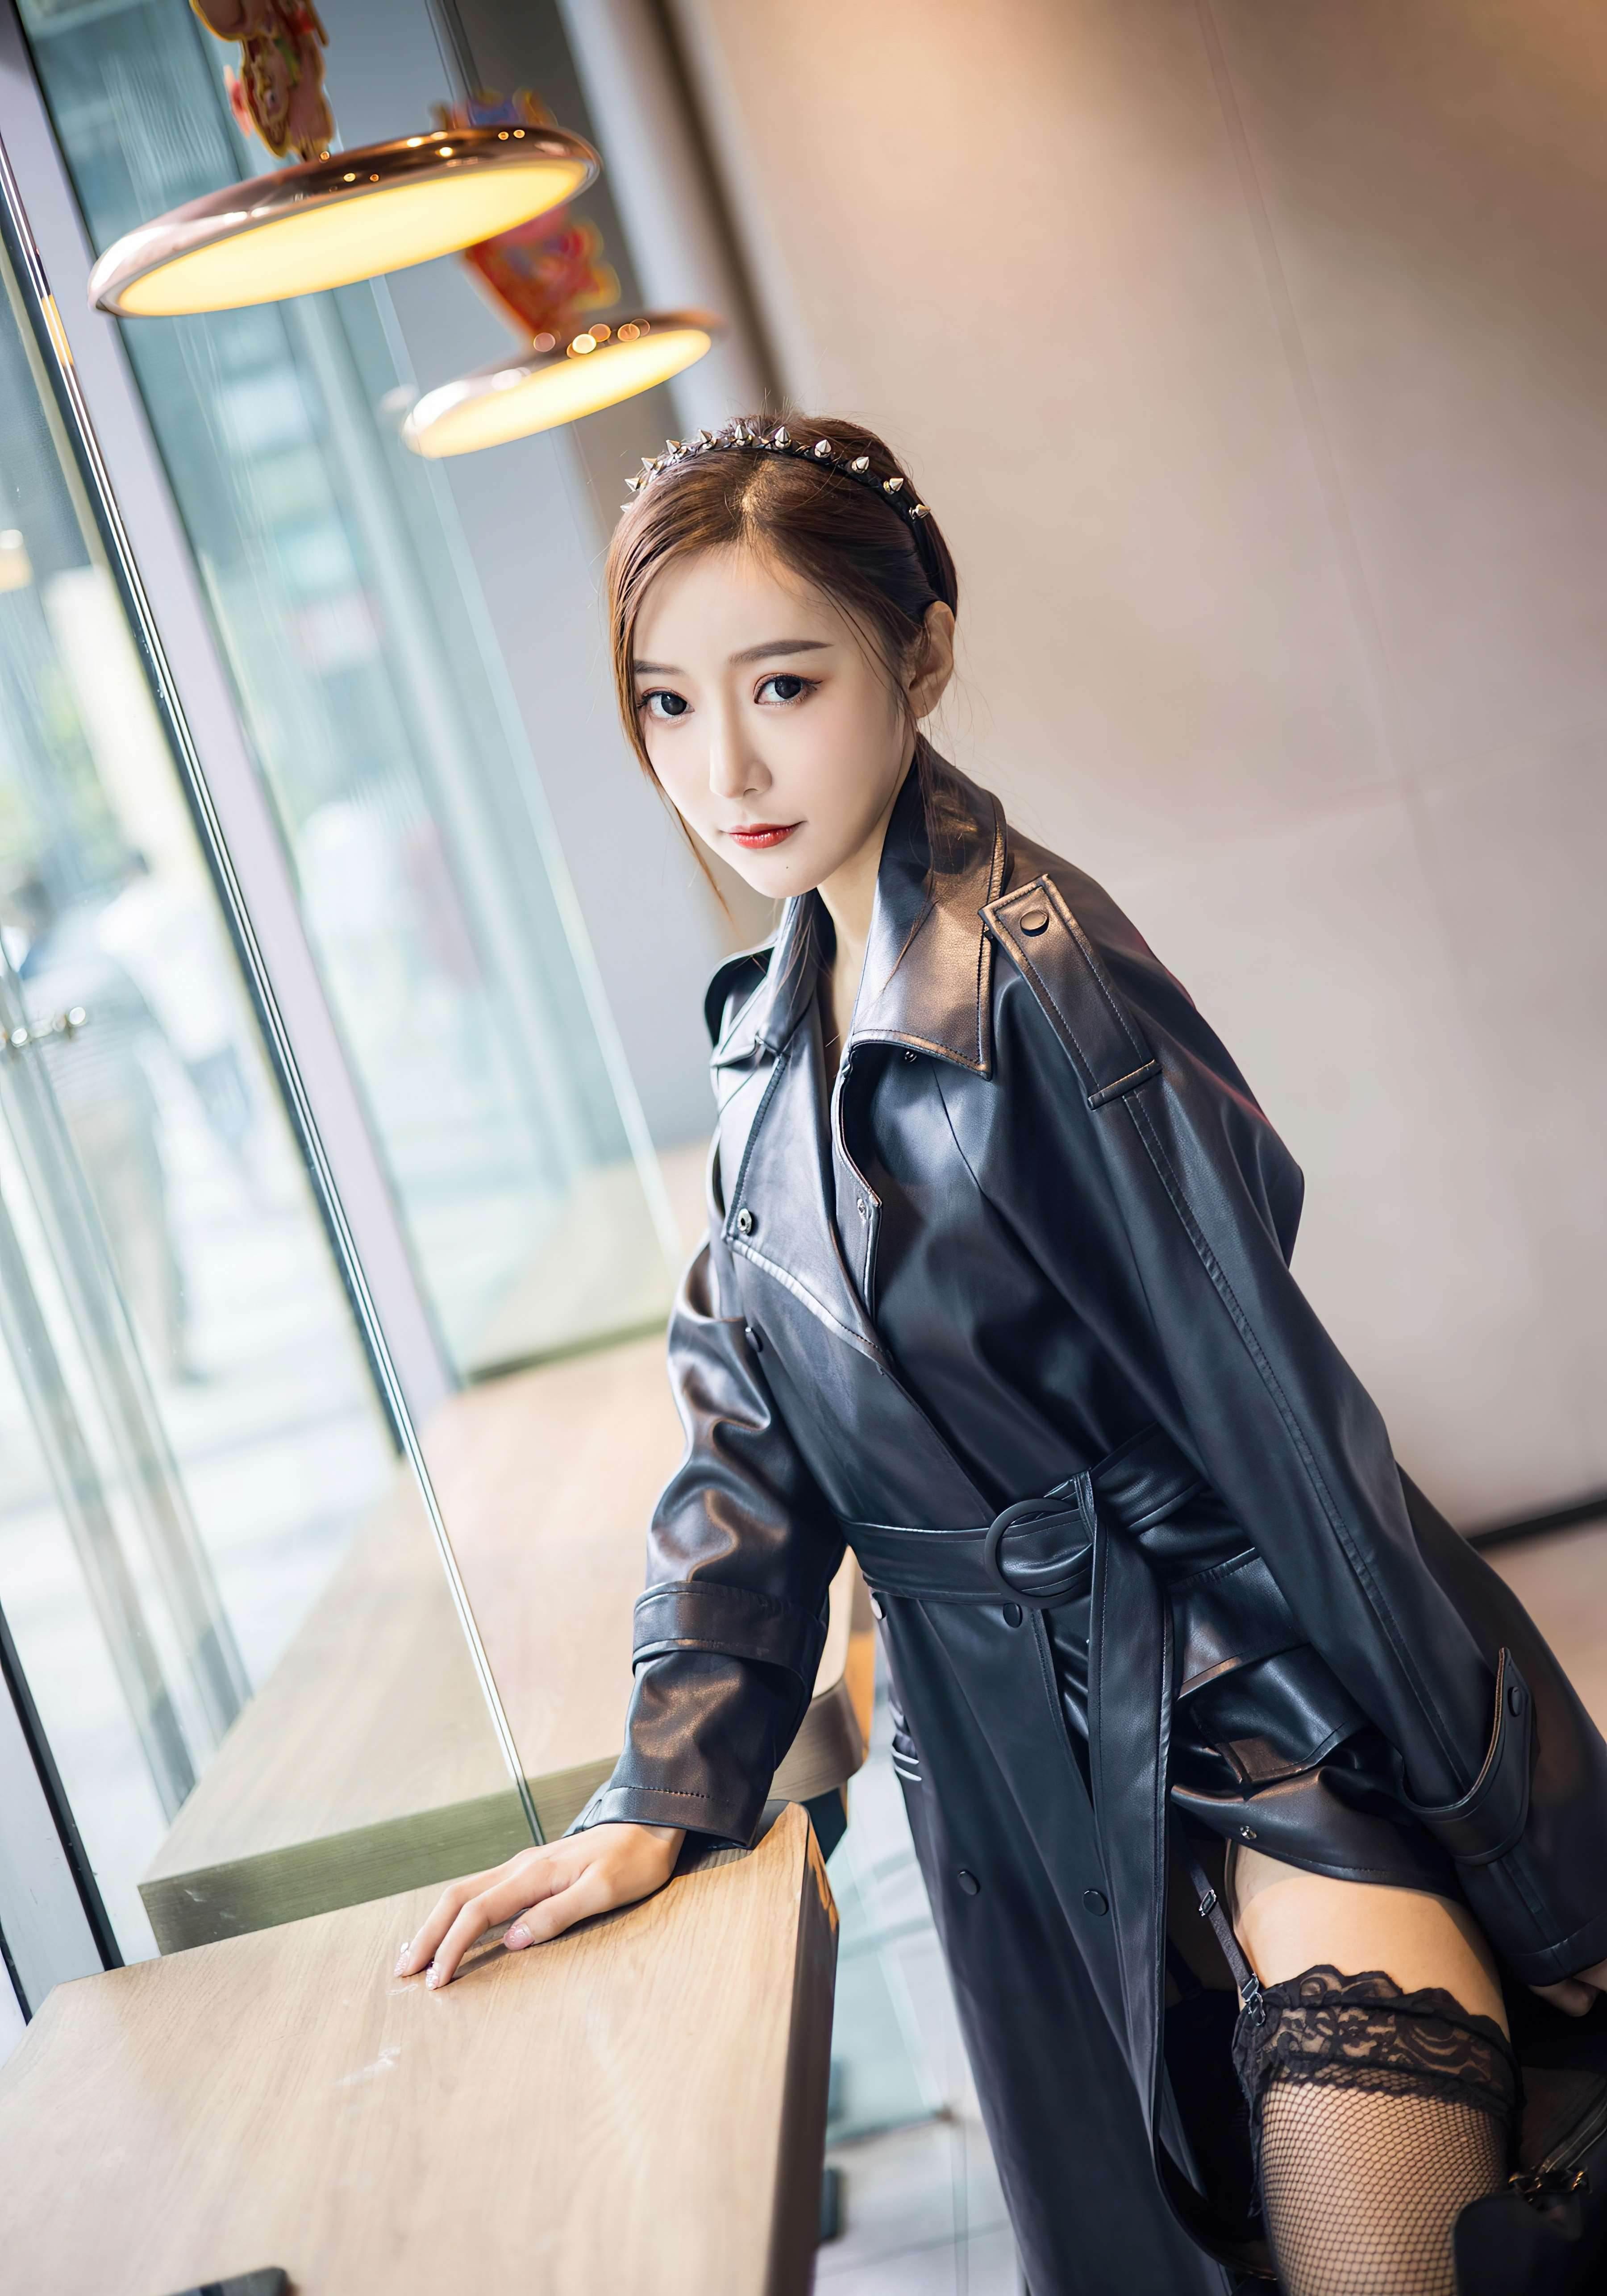 第21期穿皮衣的女孩又酷又时尚王馨瑶_图片3